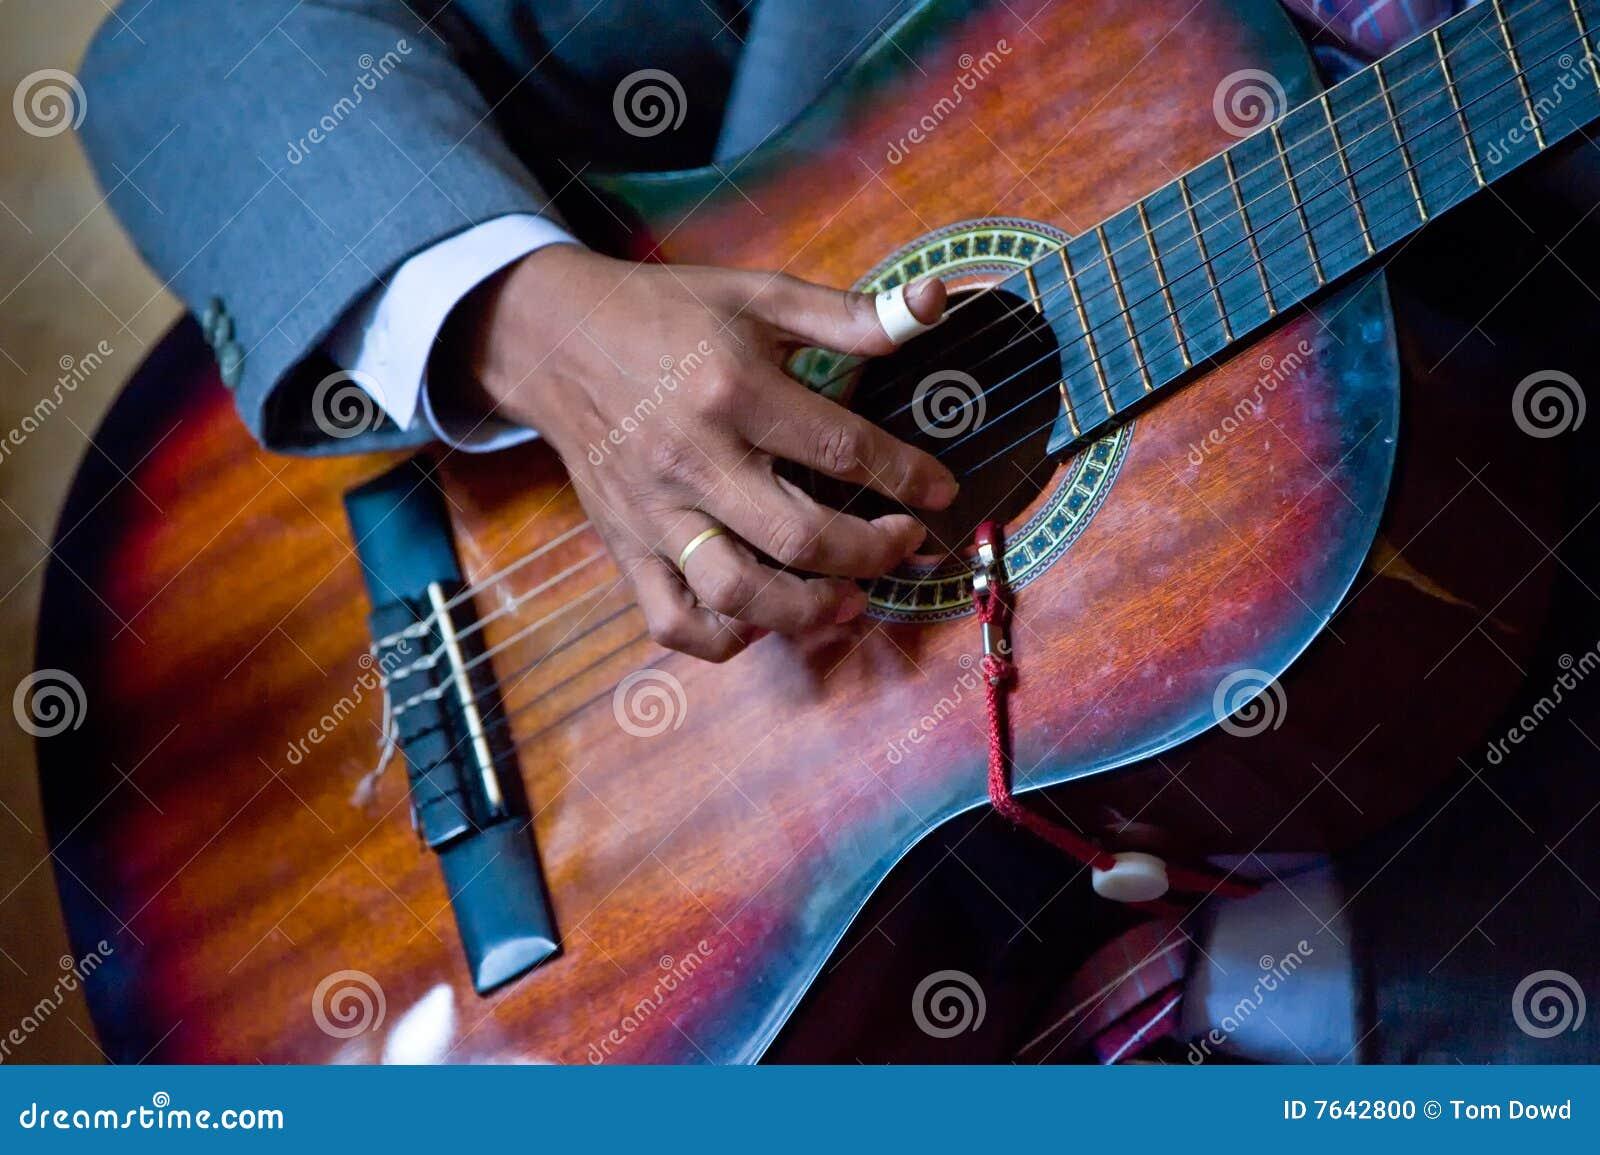 De vinger van de persoon het plukken gitaar